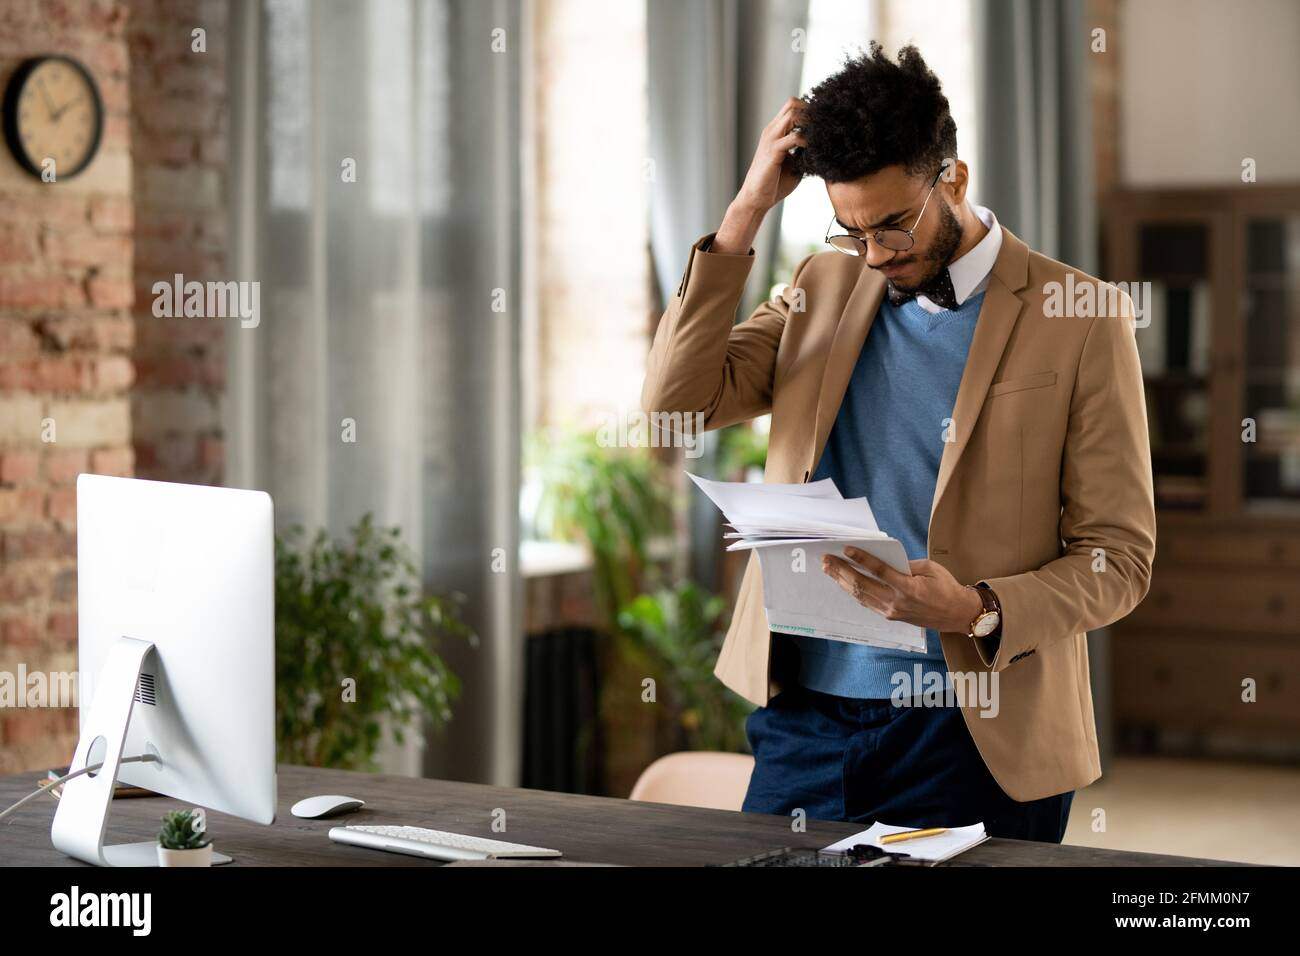 Jeune homme de course mixte confus en lunettes et veste debout au bureau avec ordinateur et en se grattant la tête tout en lisant des journaux Banque D'Images